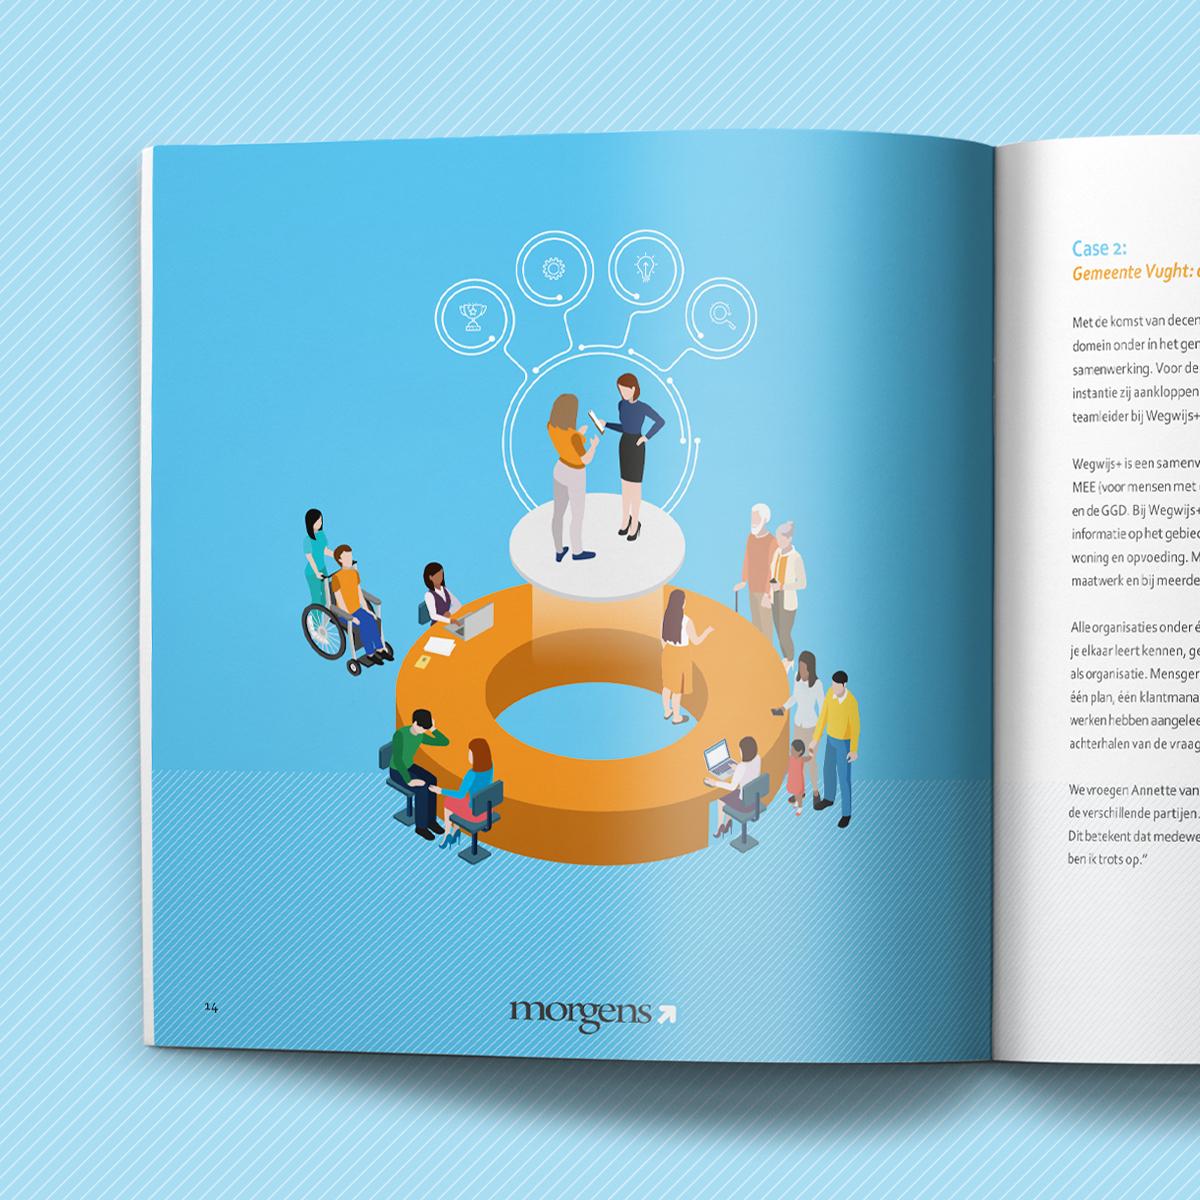 Morgens brochure